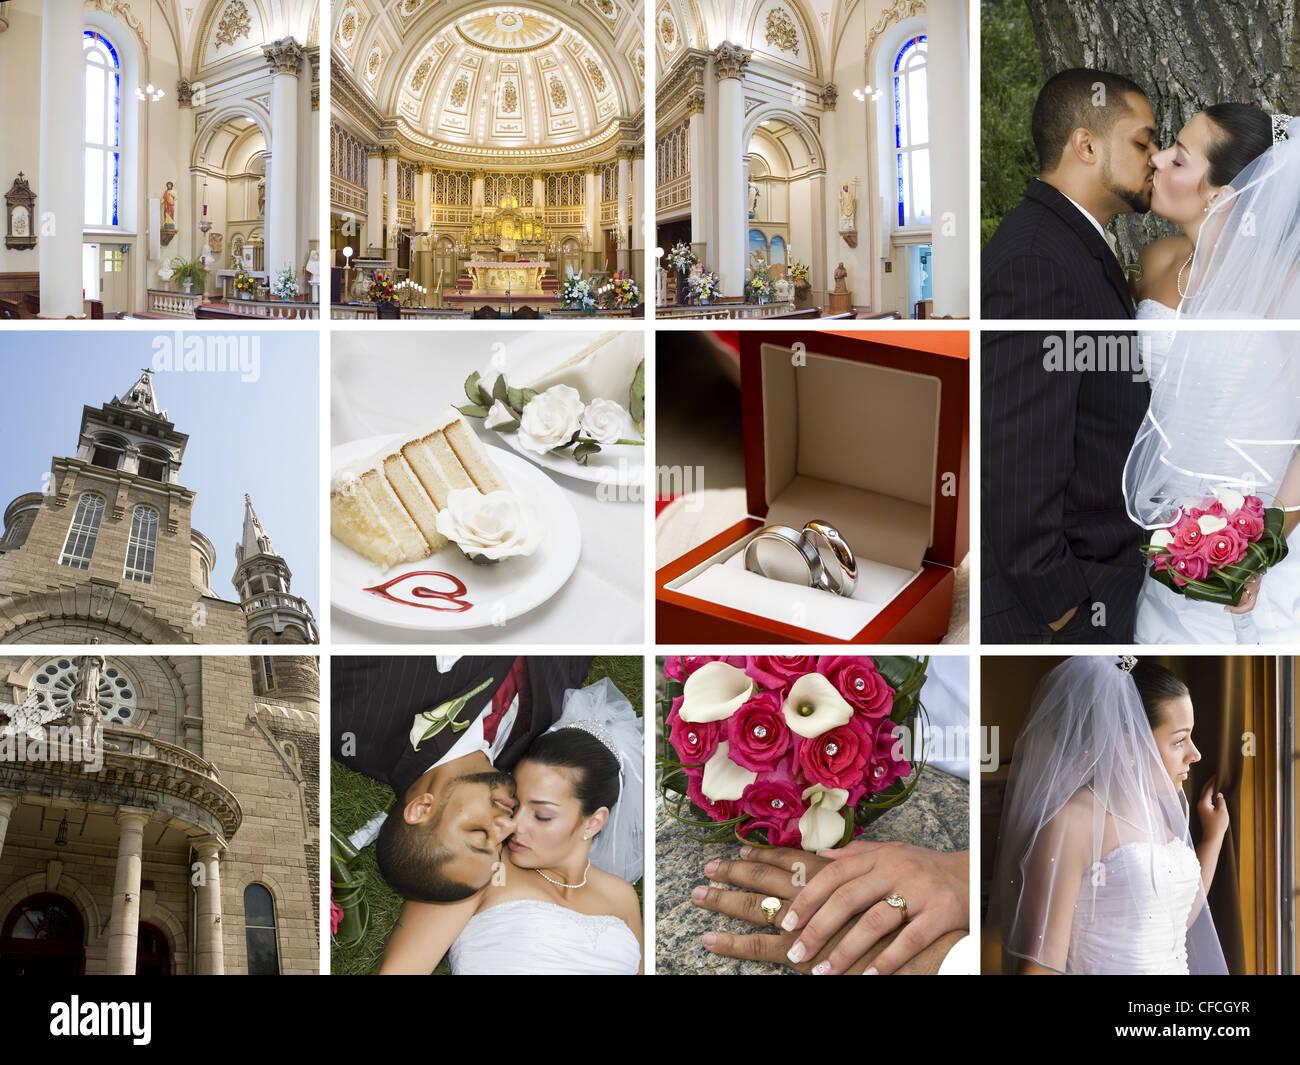 Collage Aus Vielen Verschiedenen Hochzeit Bezogene Bilder In Einem